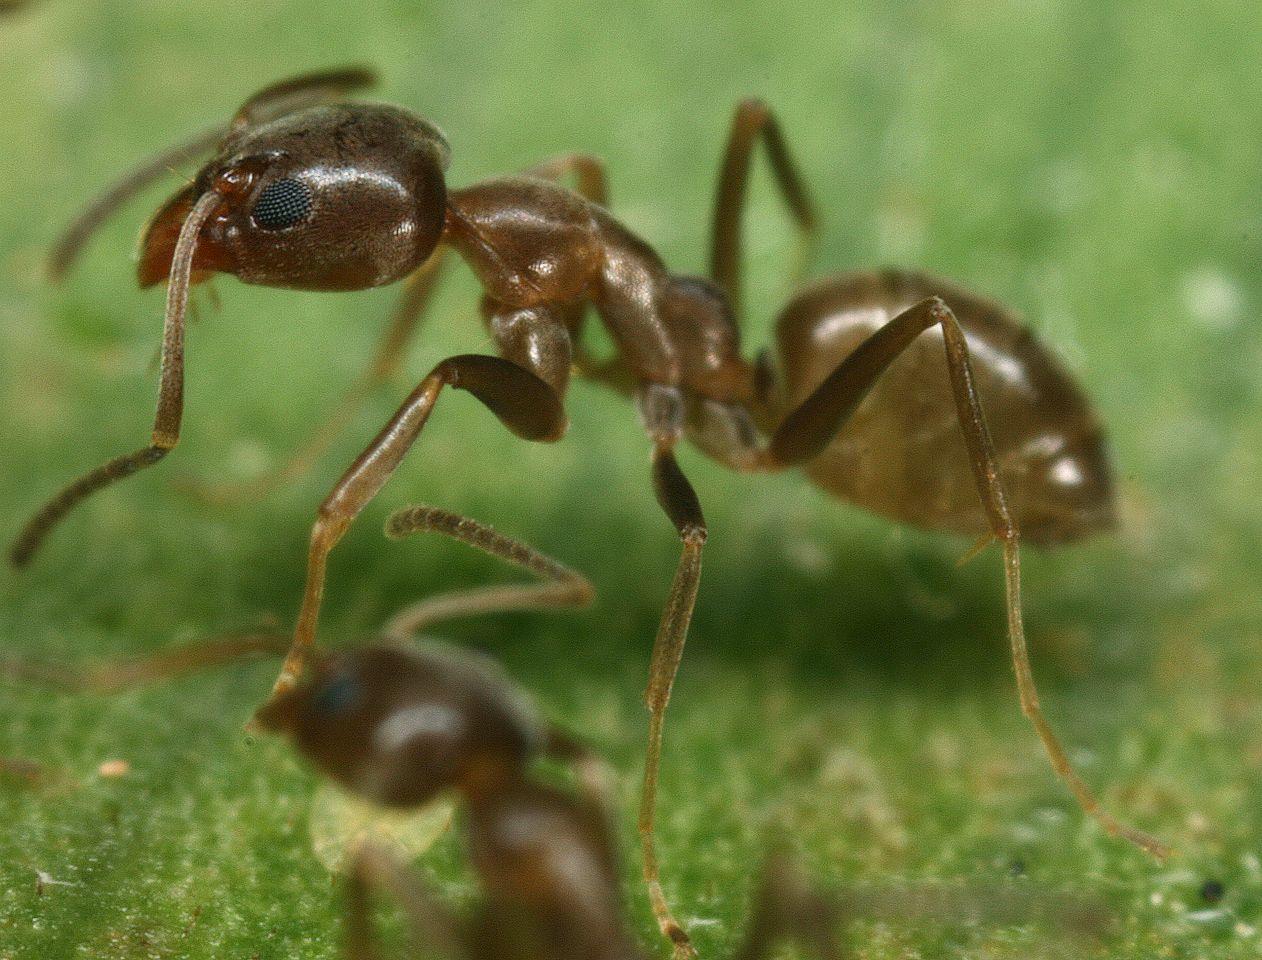 Asian needle ant photo